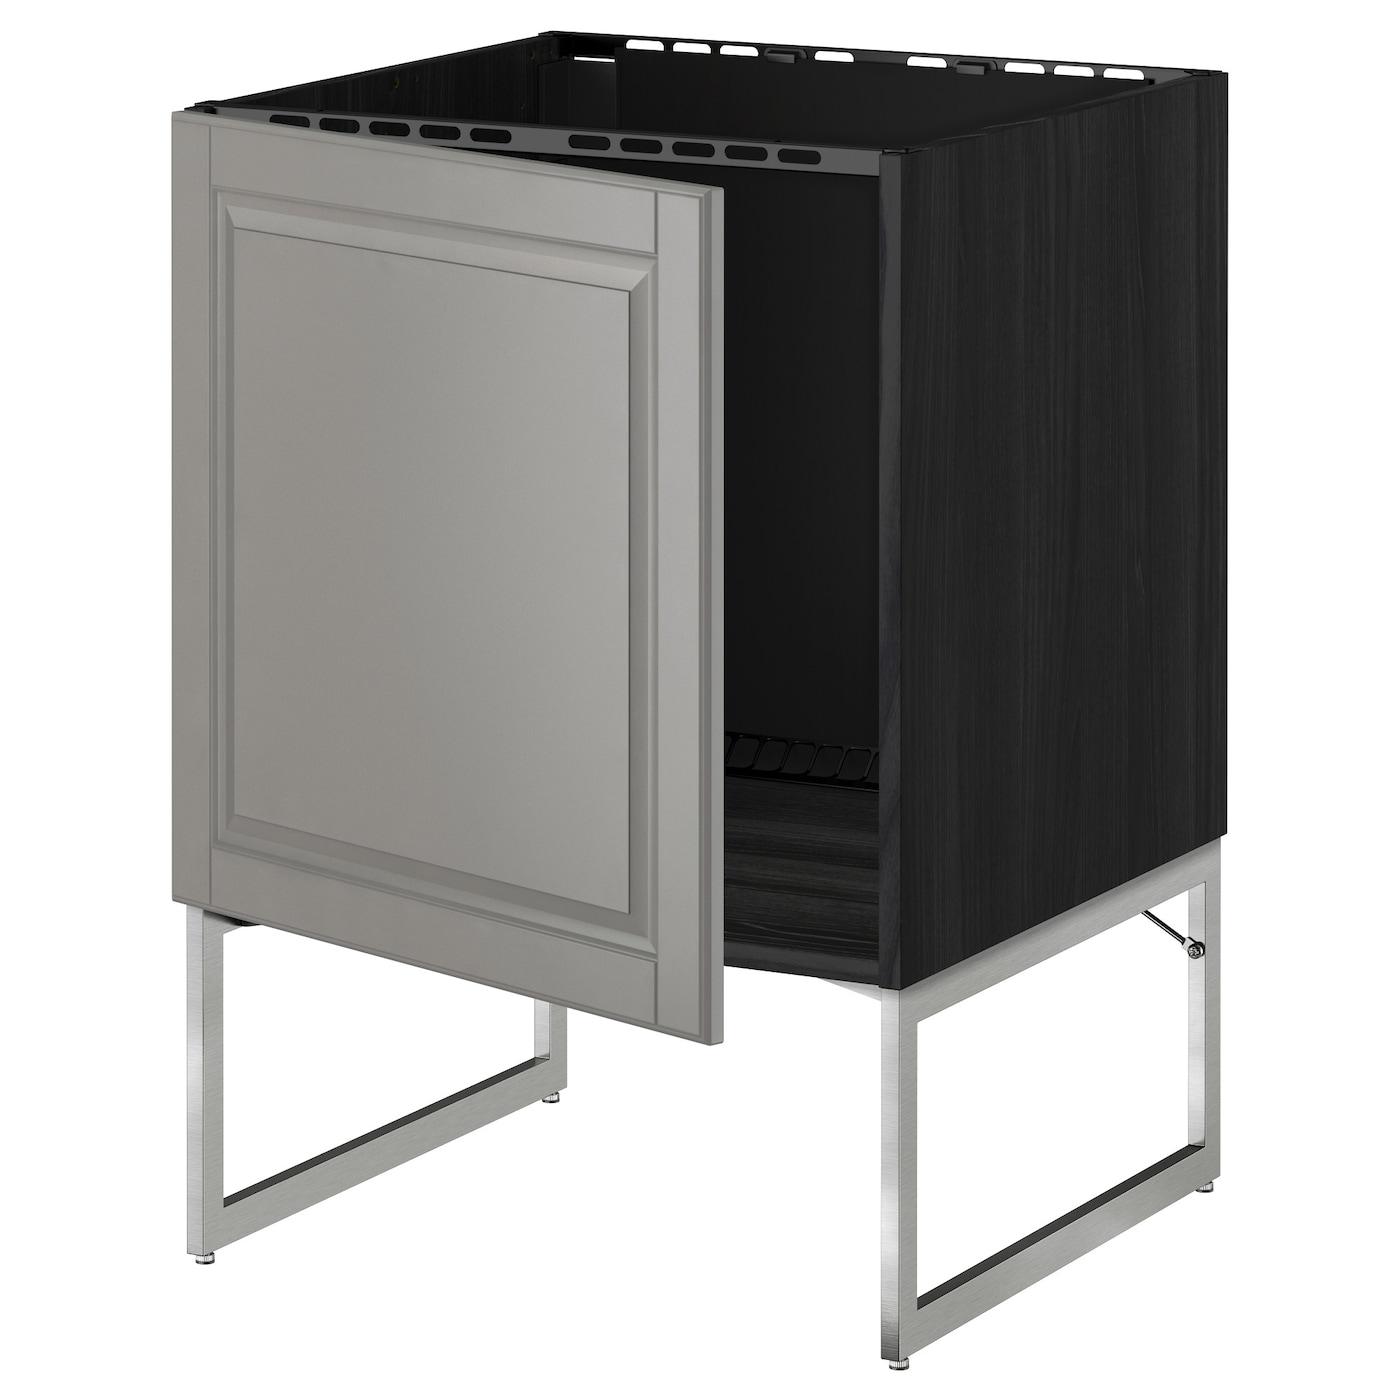 Metod Base Cabinet For Sink Black Järsta Orange 60x60 Cm: METOD Base Cabinet For Sink Black/bodbyn Grey 60x60x60 Cm